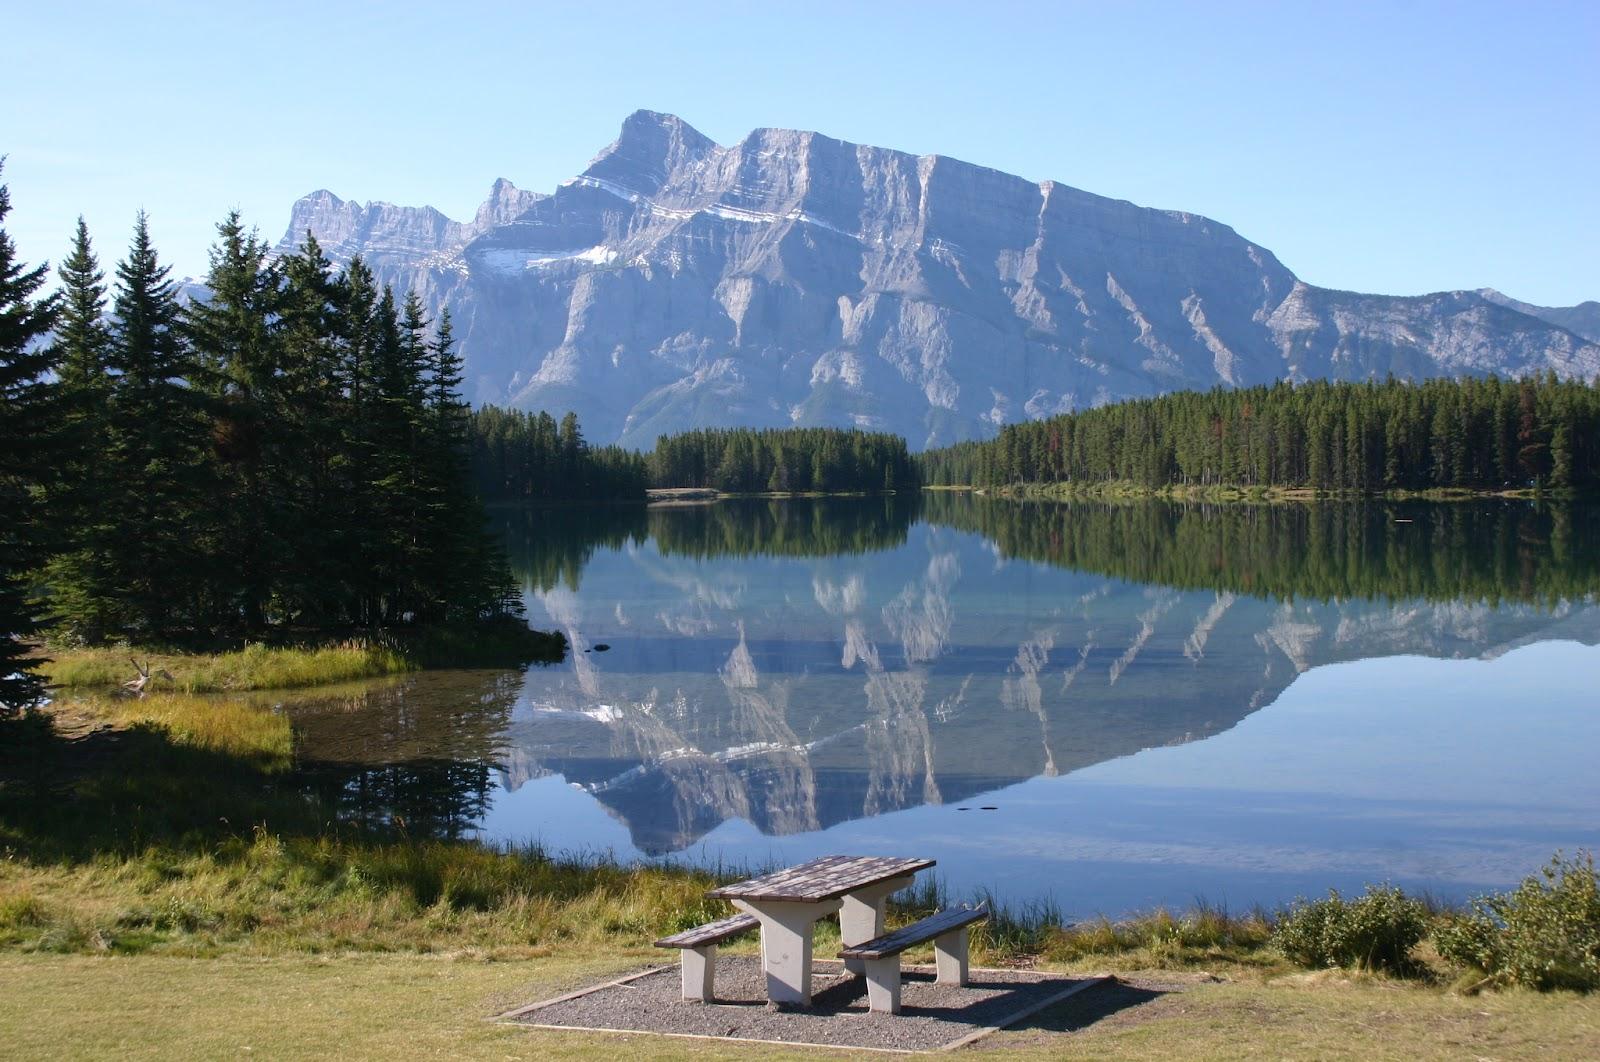 http://4.bp.blogspot.com/-WjOvuqqFhgA/T1LIlH9oEpI/AAAAAAAACdM/vUZi91tJAVw/s1600/Reflection_at_Two_Jack_Lake.jpg